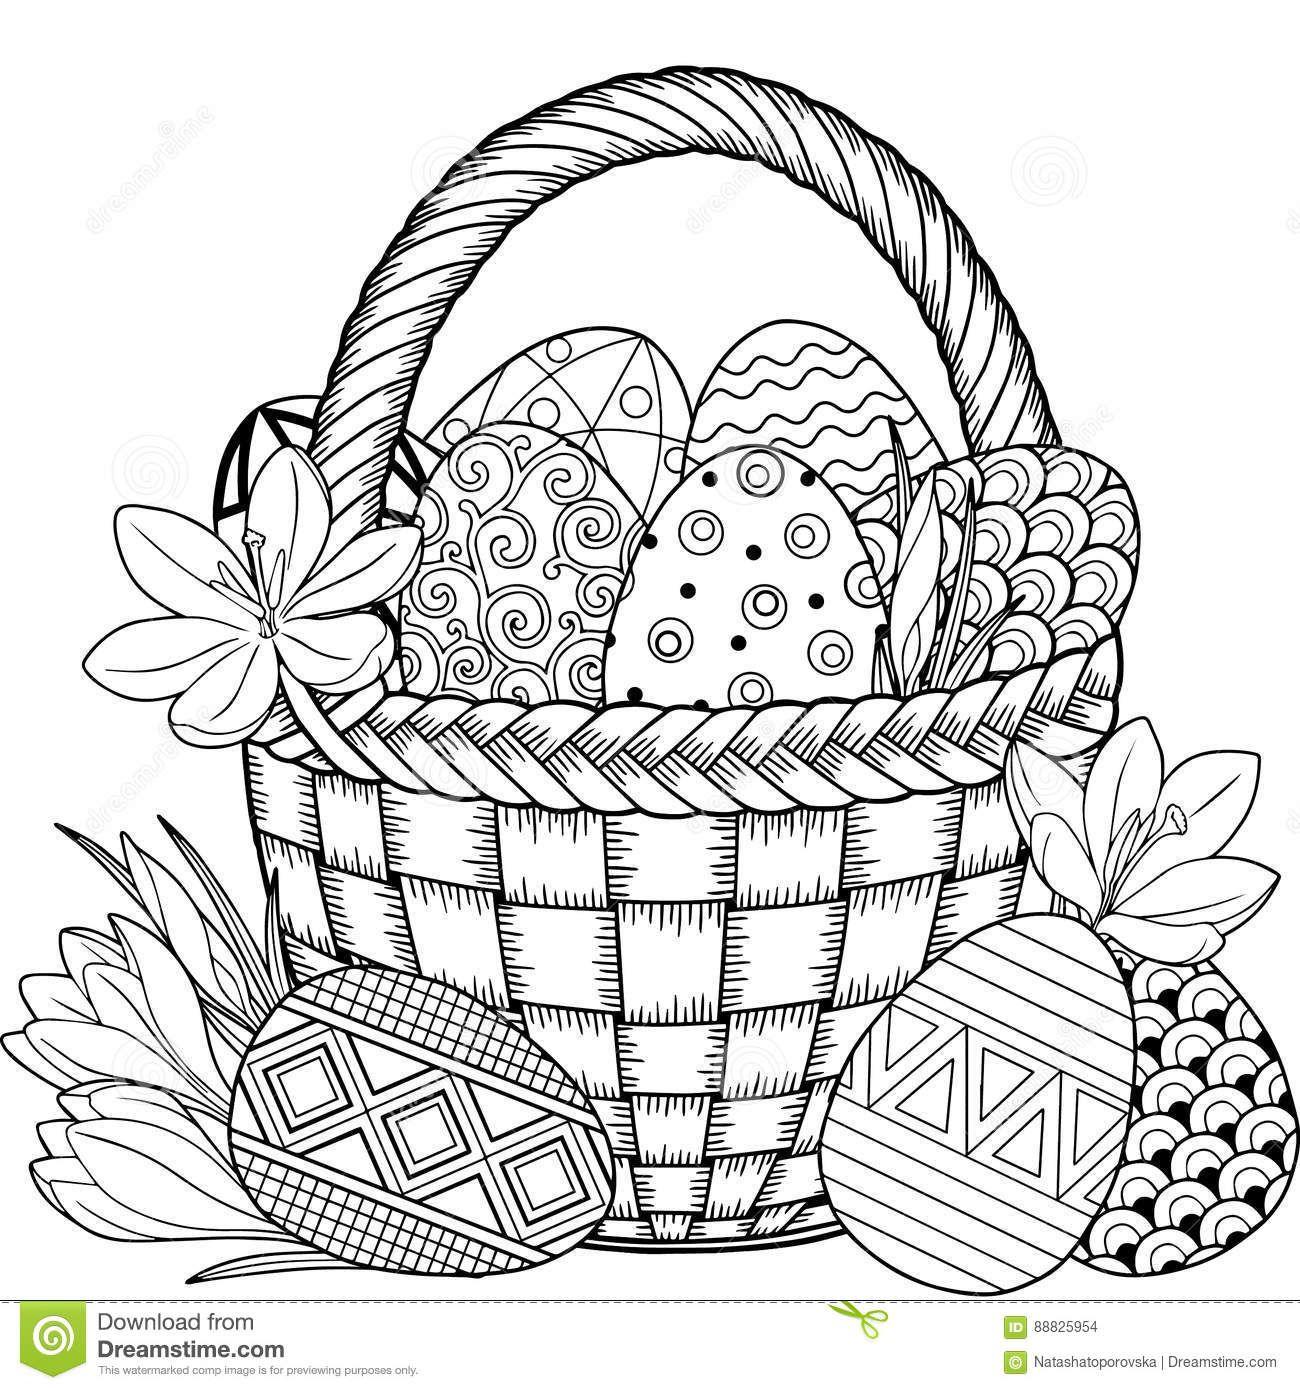 Joyeuses-Pâques-Oeufs-De-Pâques-Noirs-Et-Blancs-De tout Coloriage À Imprimer Joyeuses Pâques